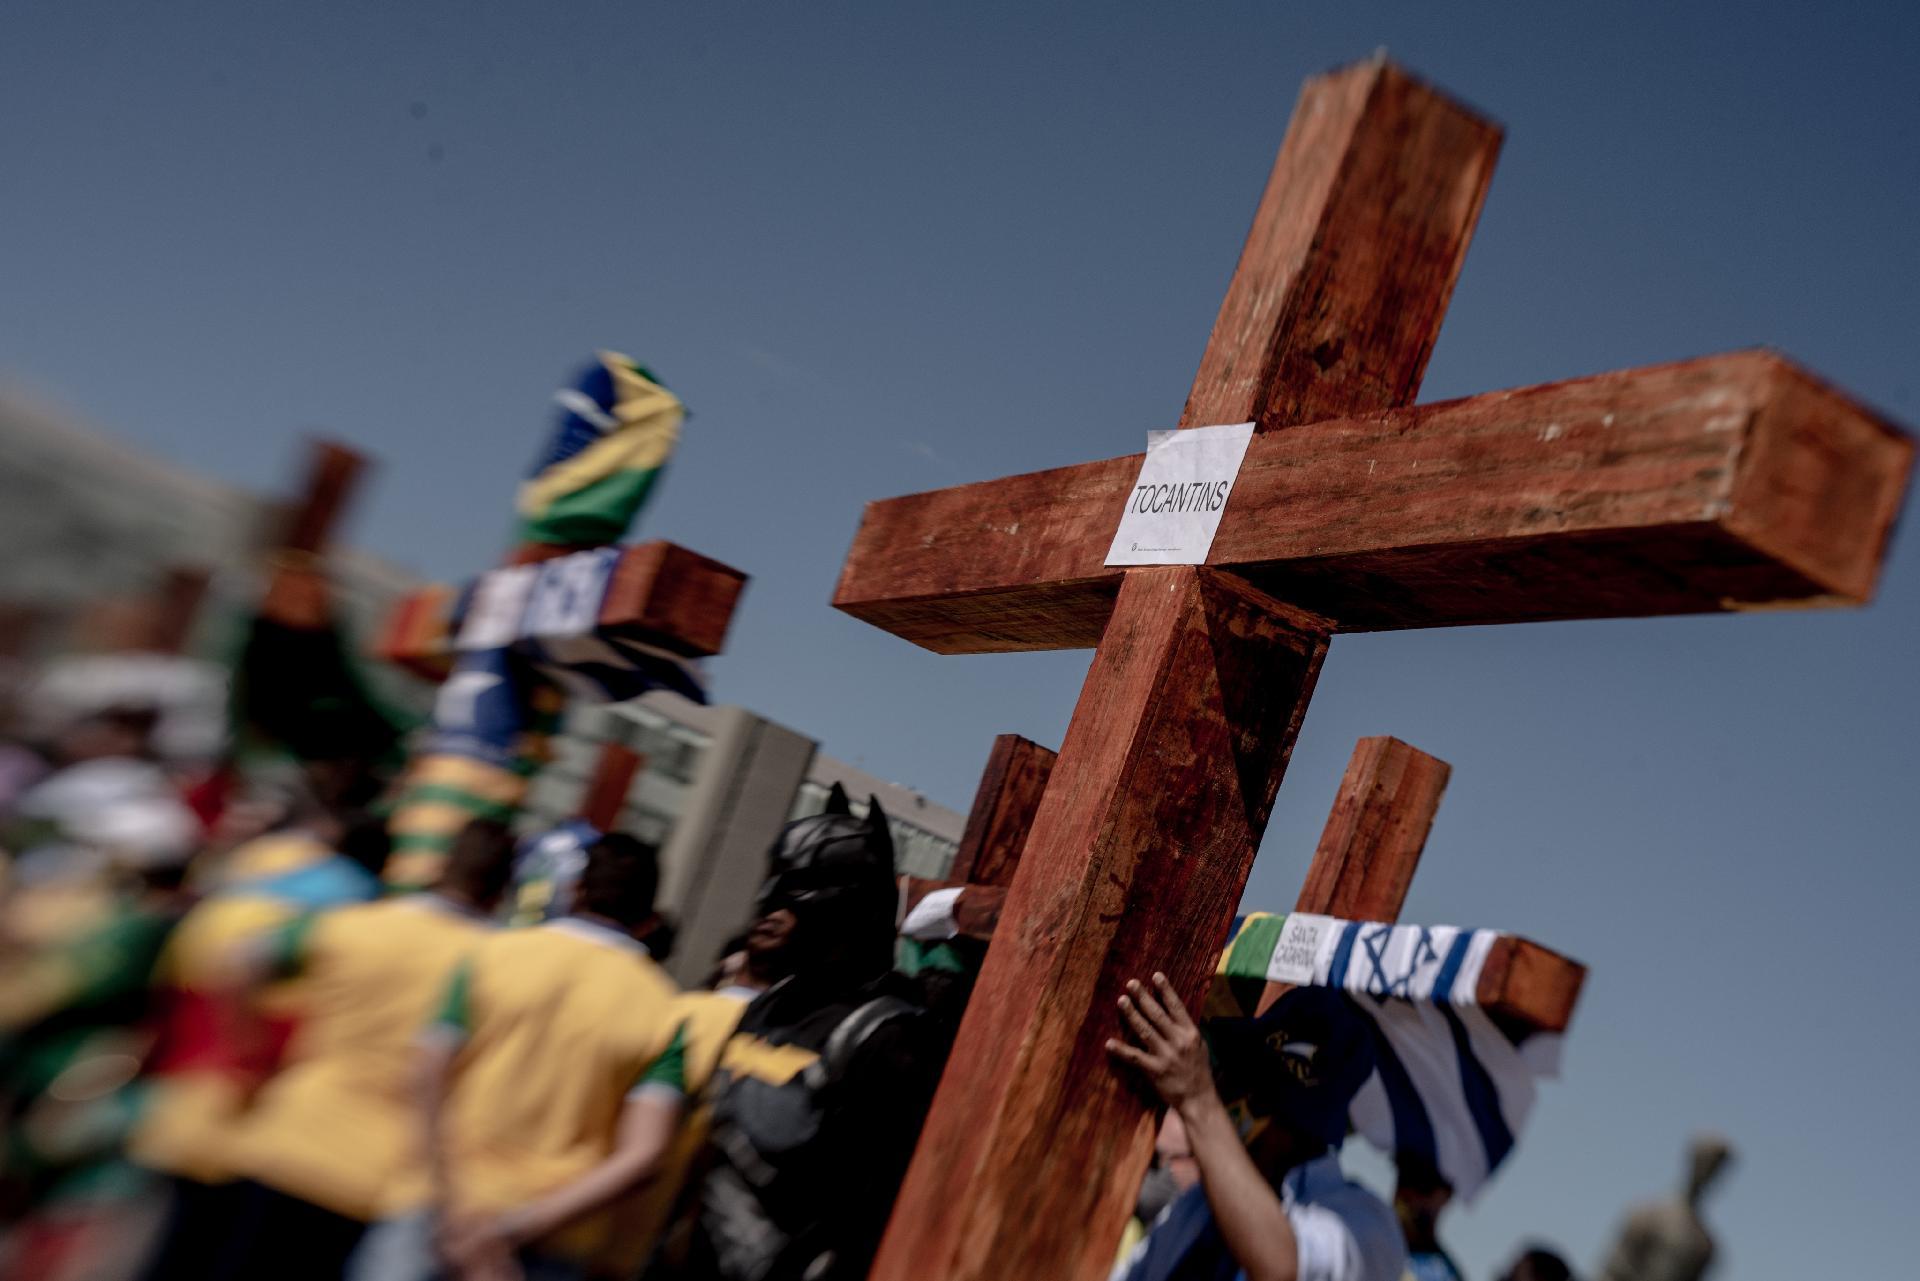 Cristofobia: existe ou não perseguição aos cristãos no Brasil?